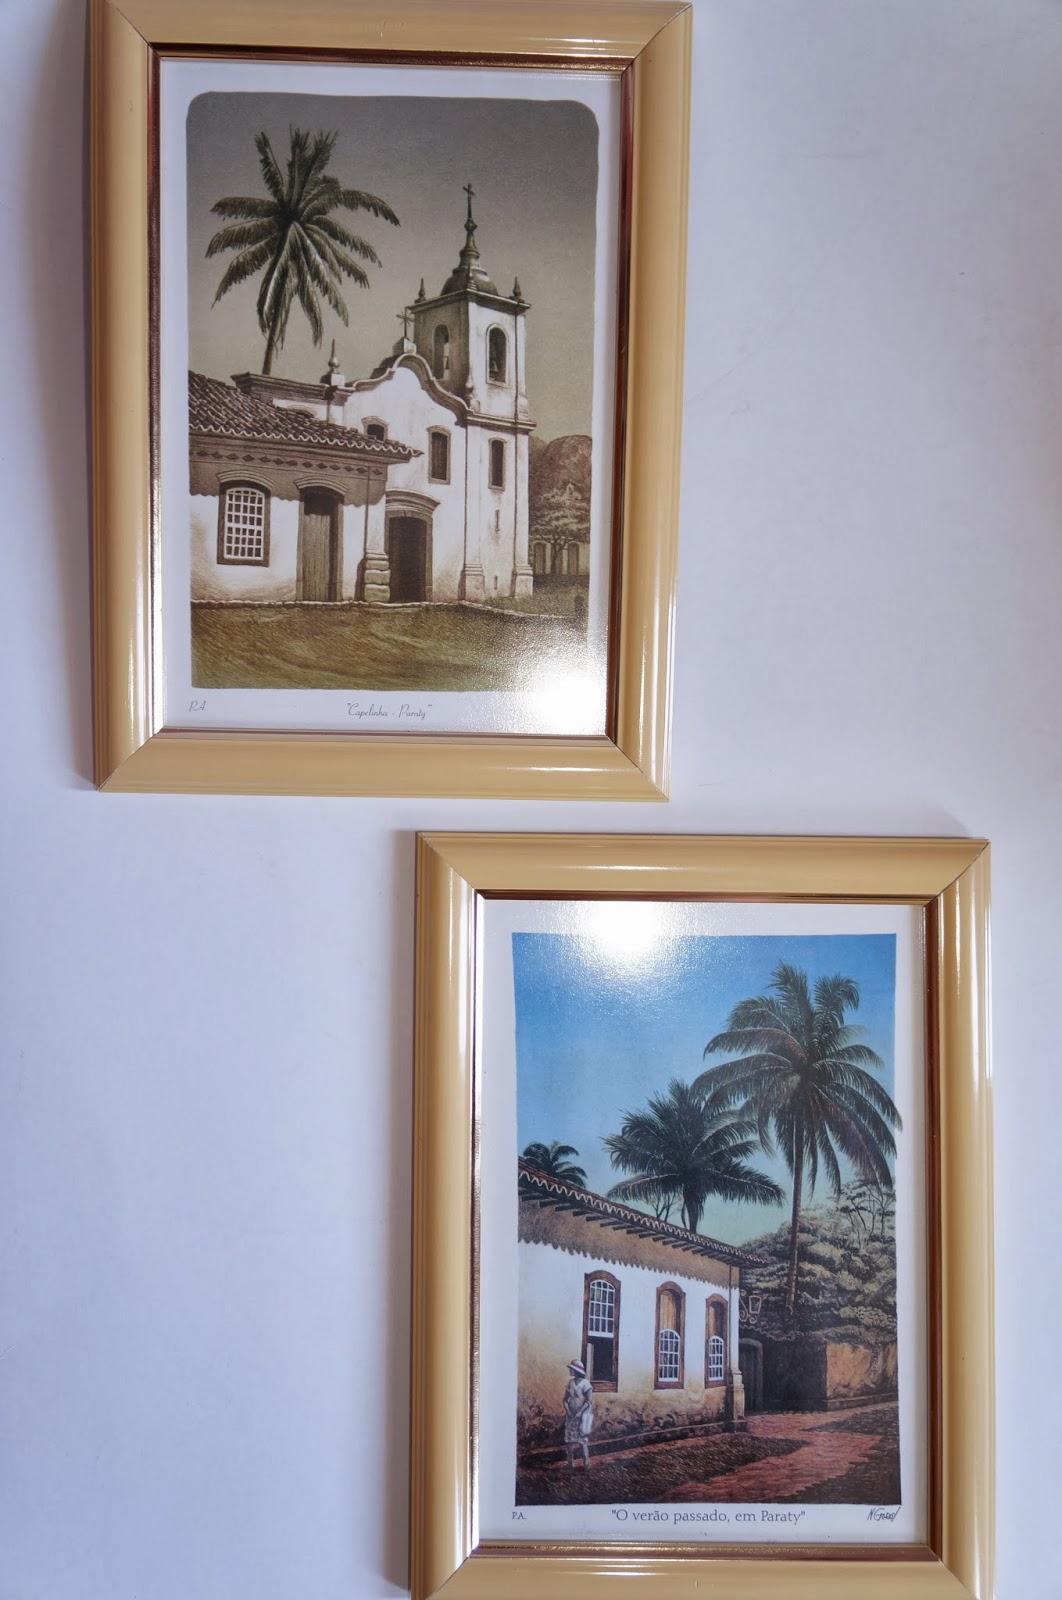 quadros com ilustrações da cidade de Paraty - RJ